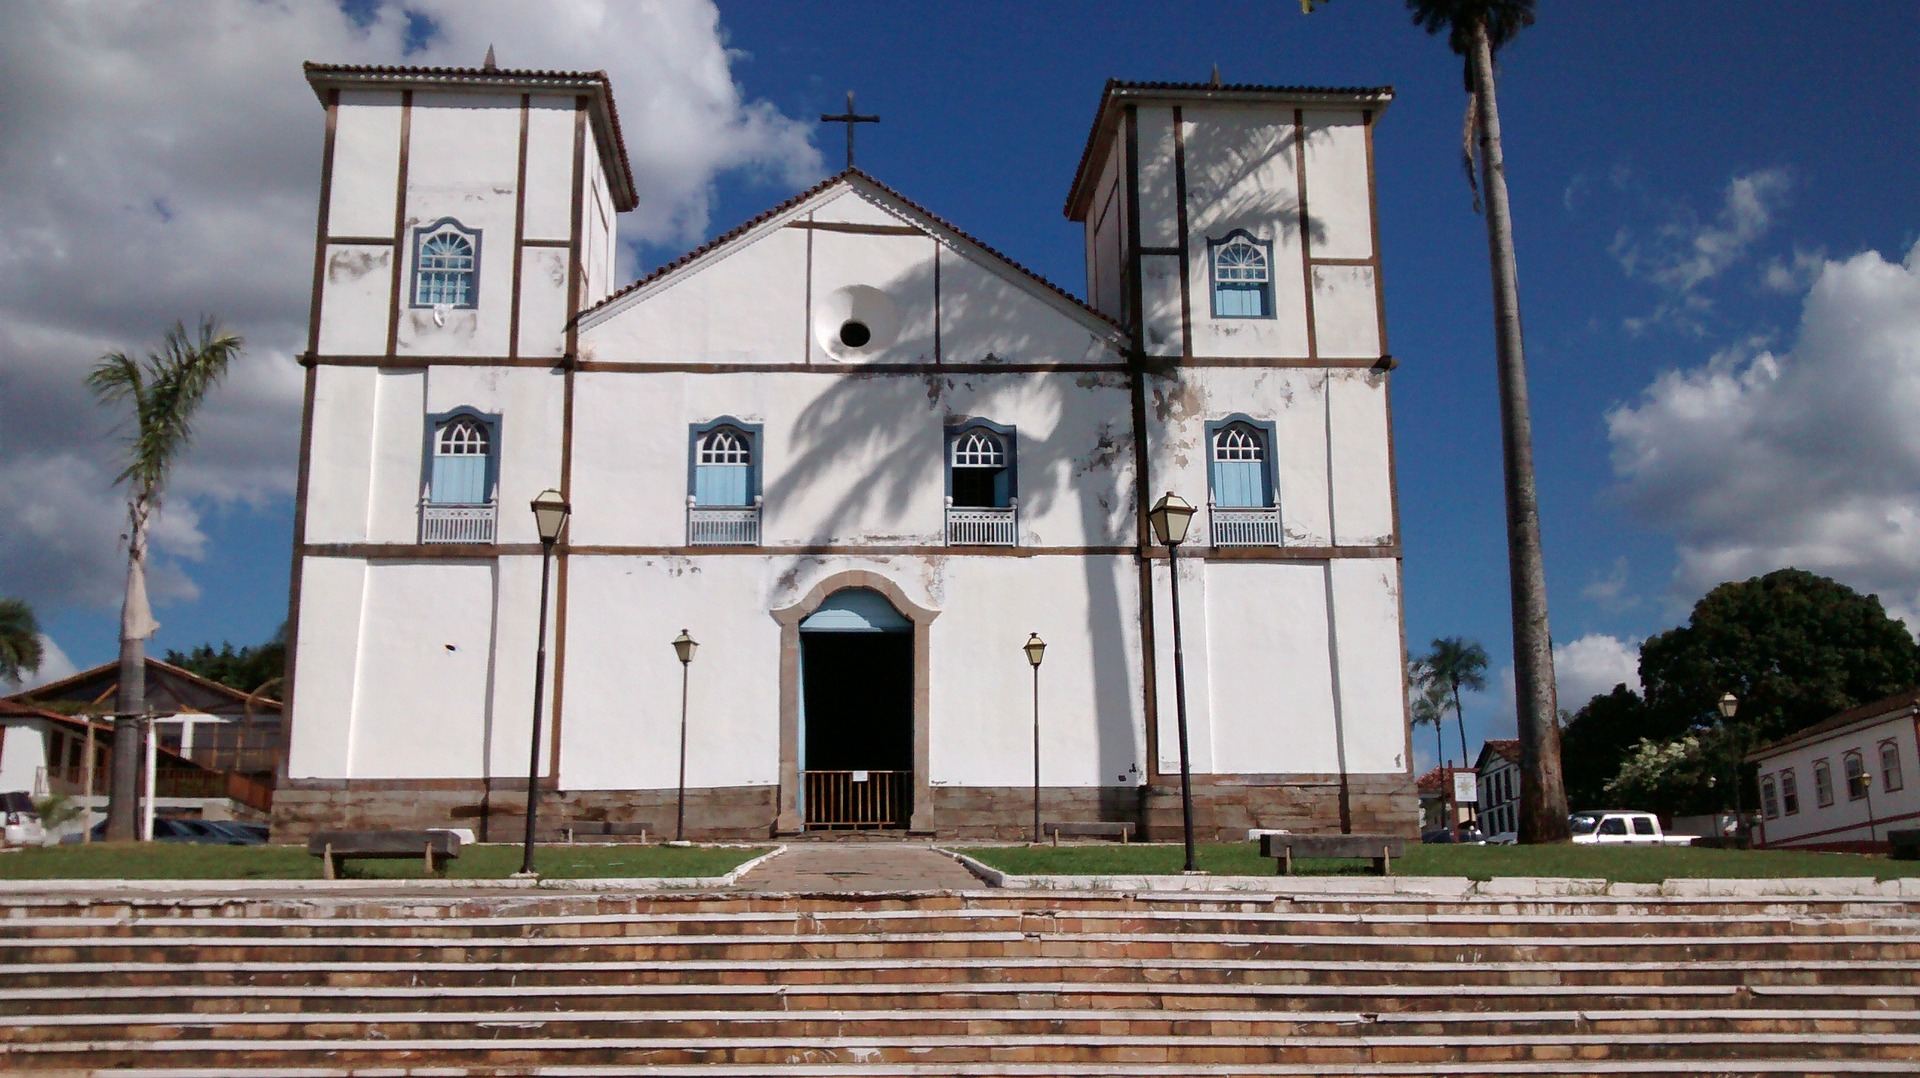 Mairipotaba - Goiás